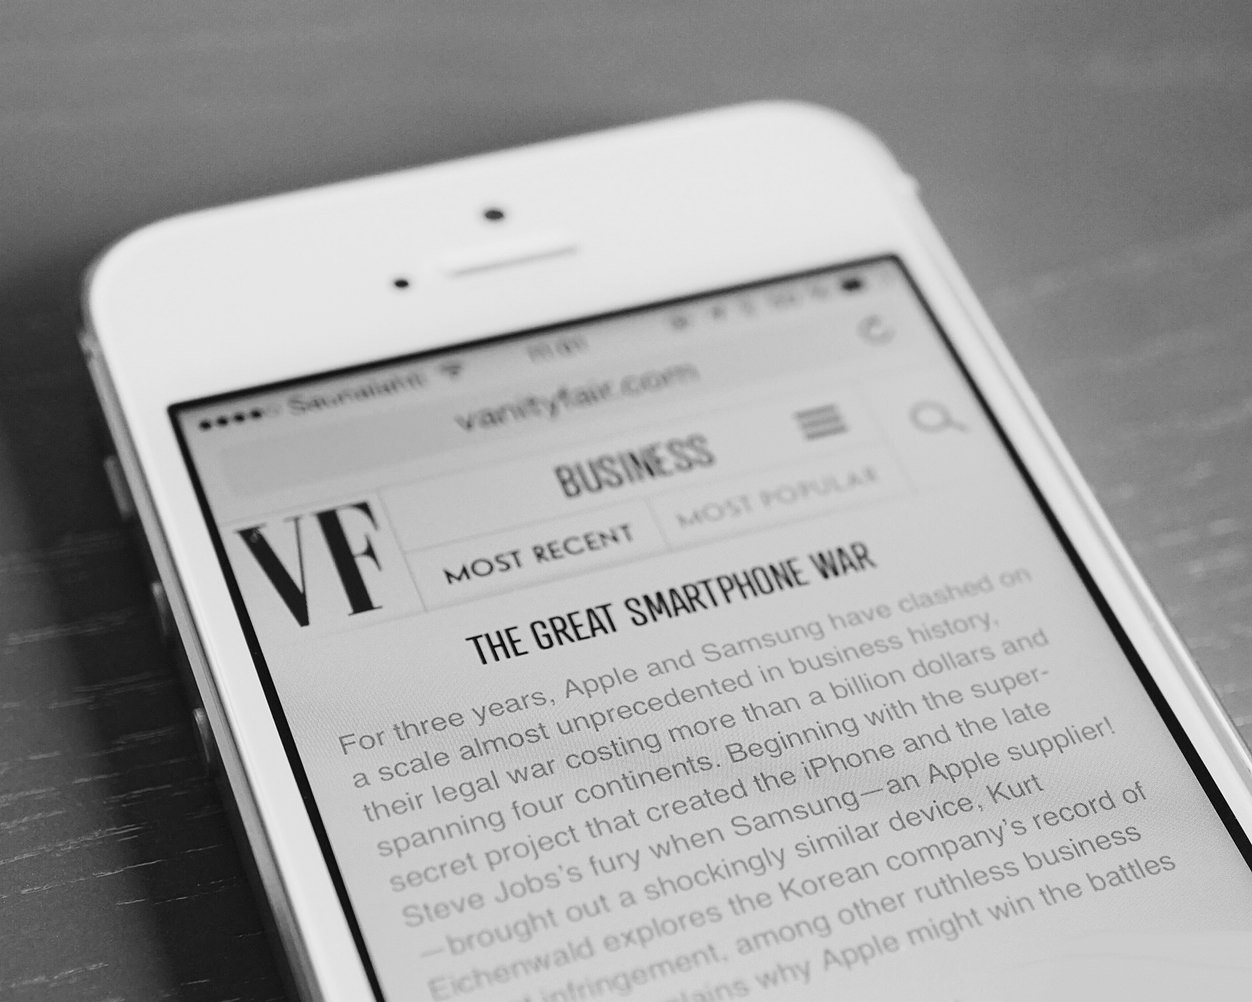 IPhoneBlog de The great smartphone war